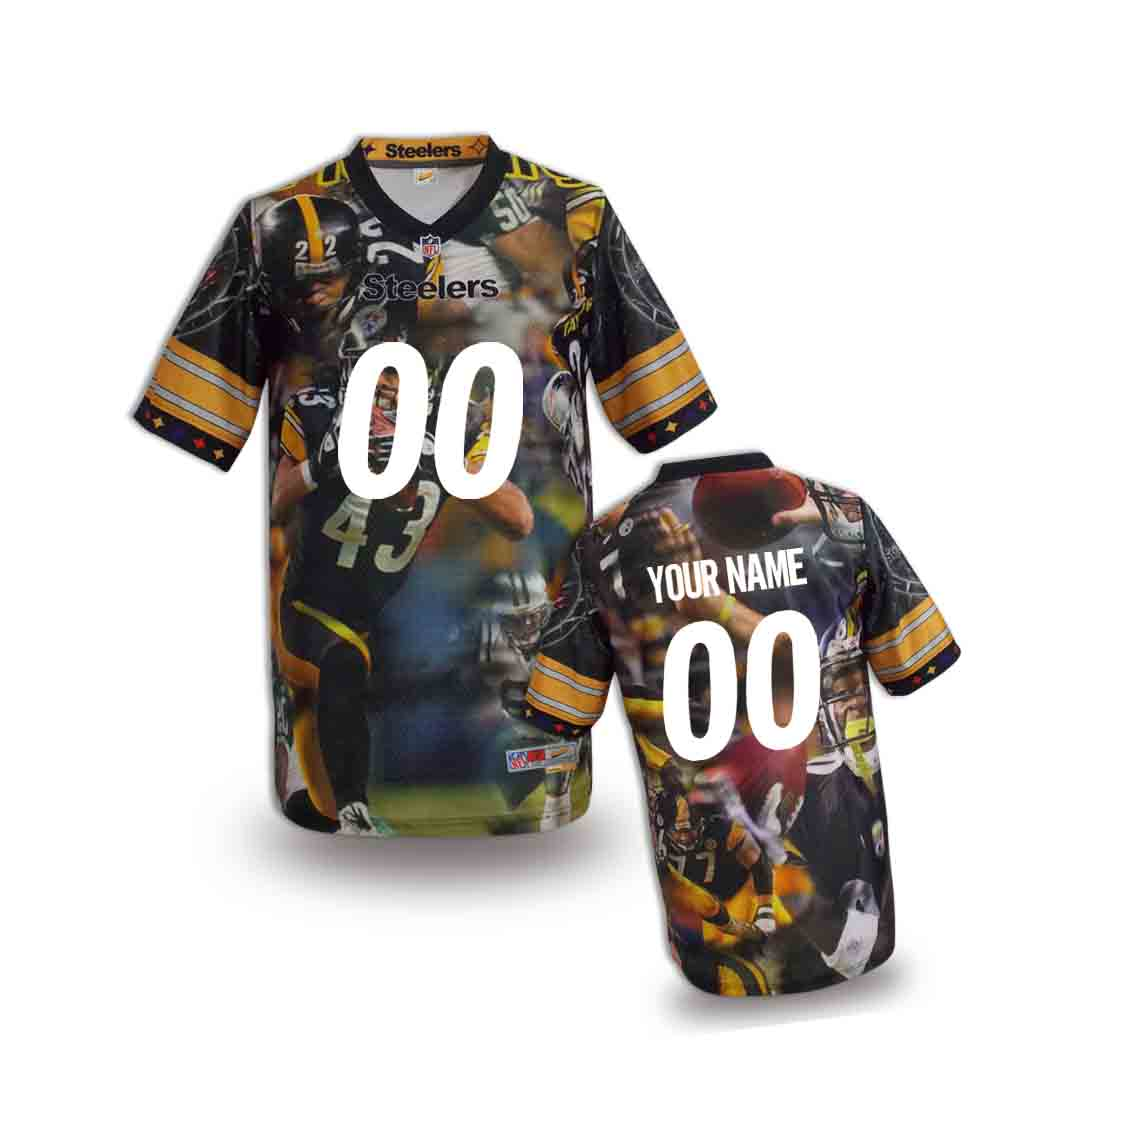 Nike Steelers Customized Fashion Stitched Youth Jerseys05